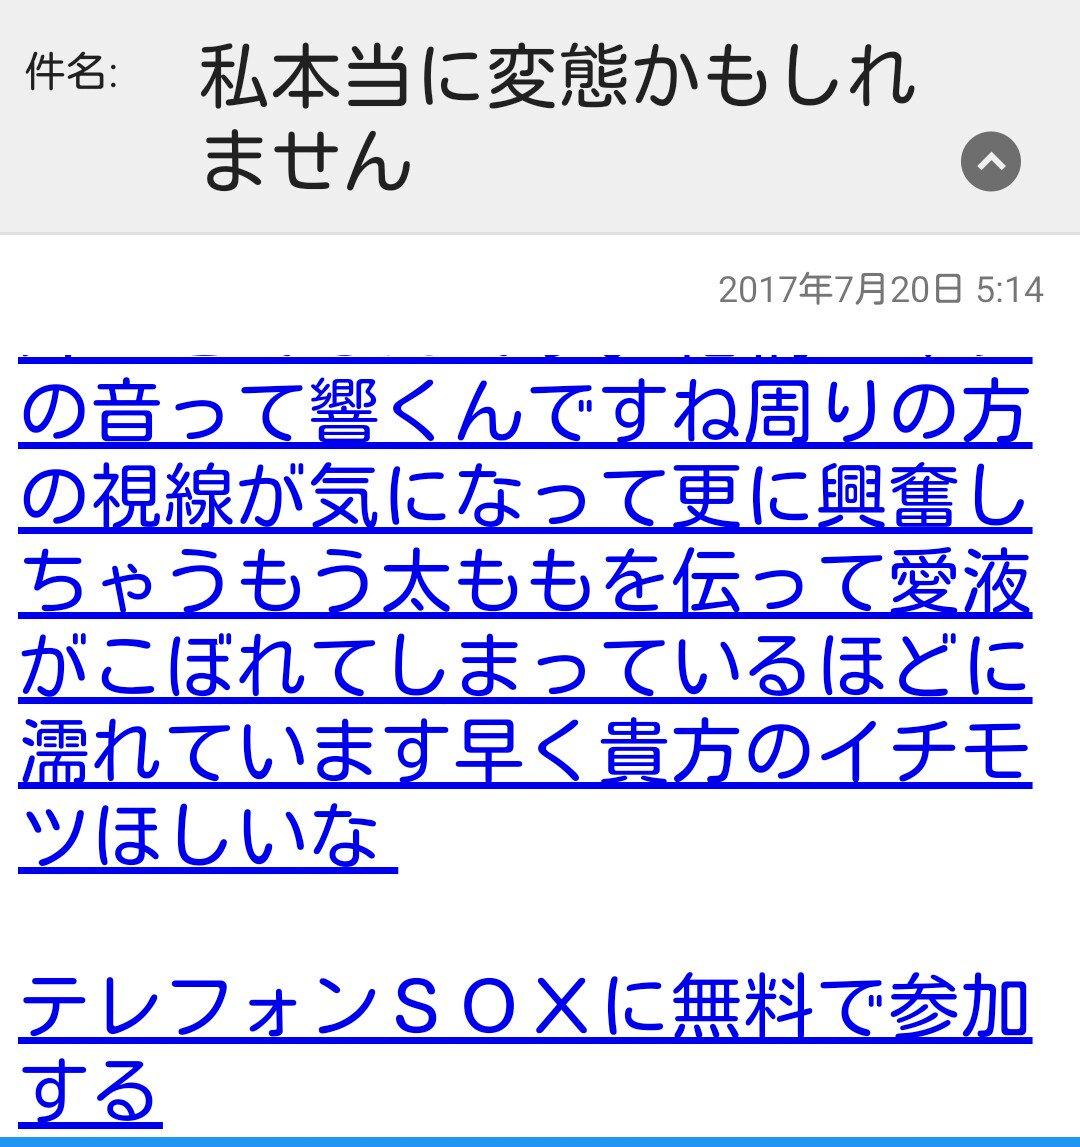 迷惑メールテレフォンSOXとは??ってWikiで「SOX」を調べた結果、きっとこれが正解と納得「小説下ネタという概念が存